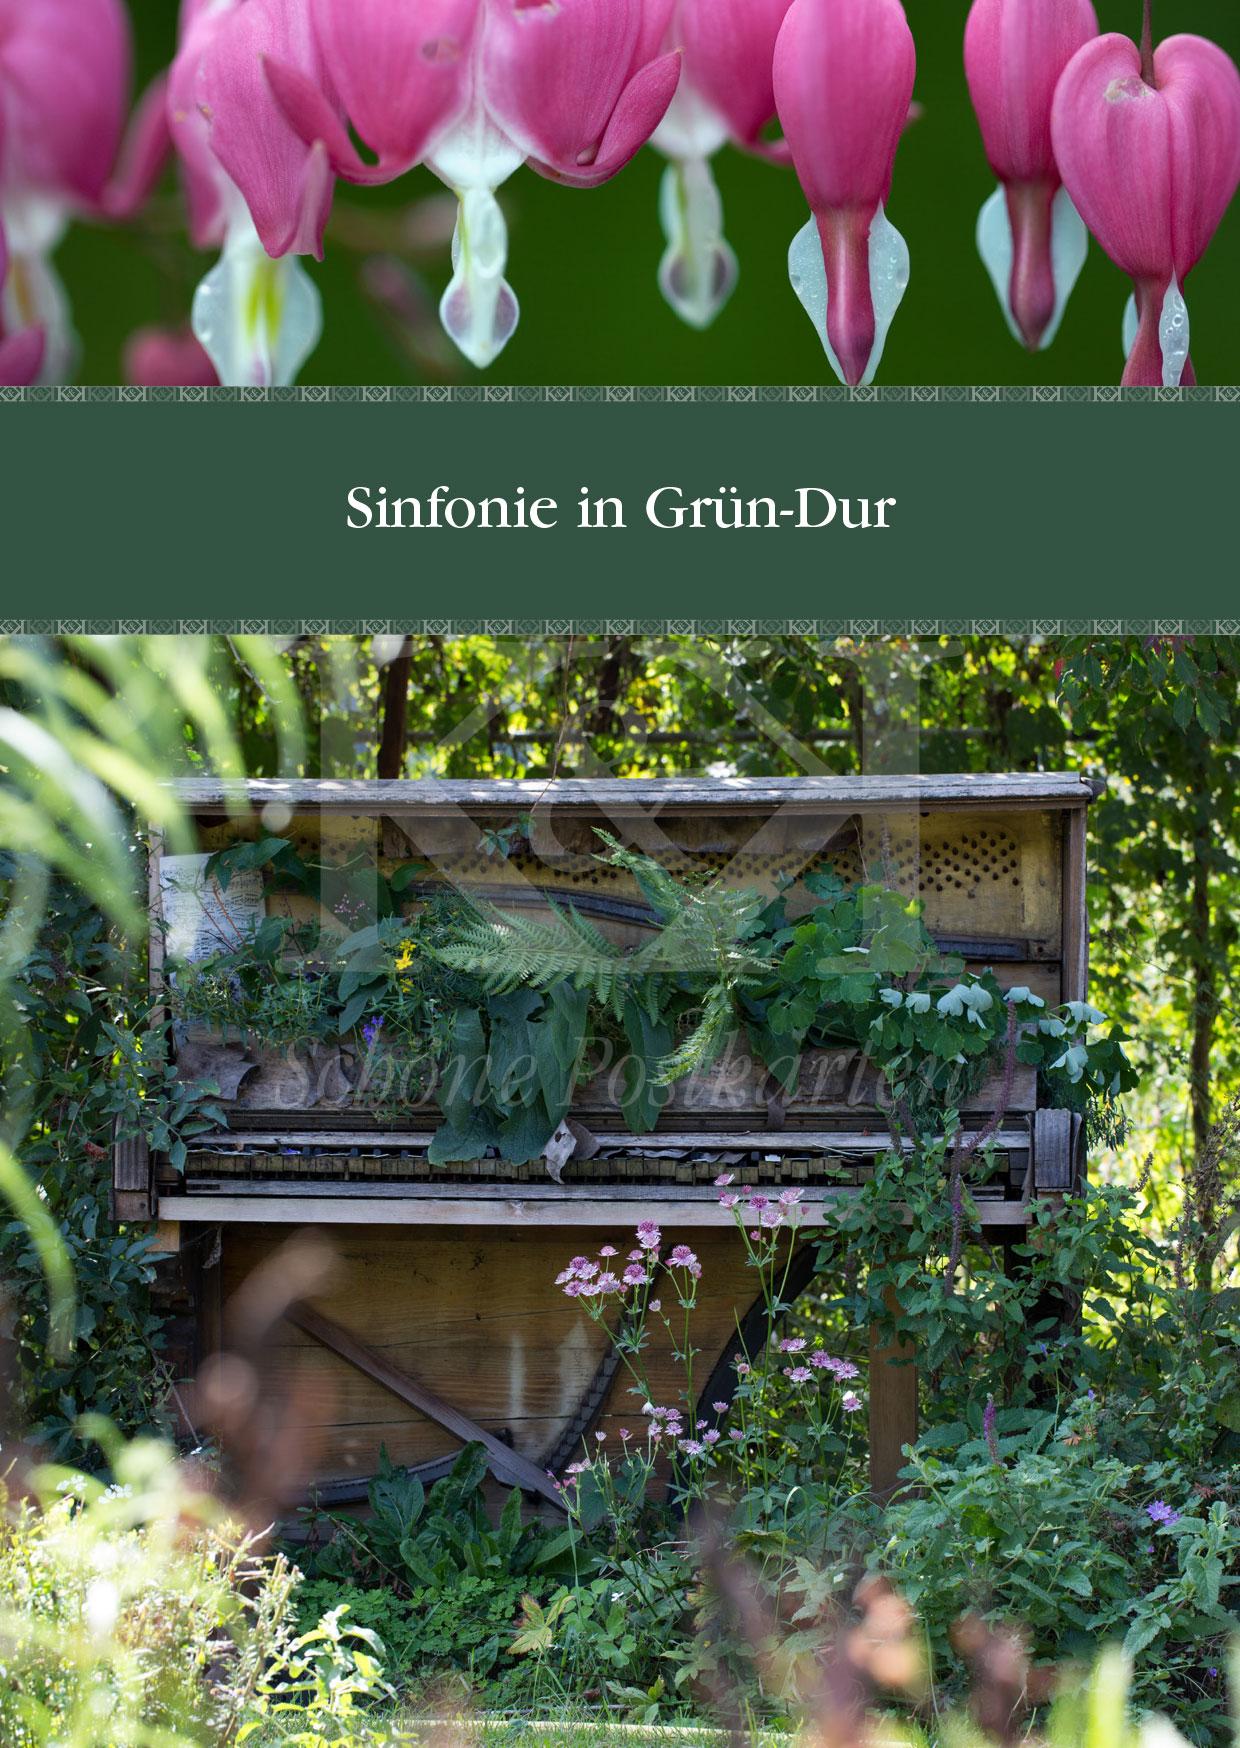 Schöne Postkarte Nr. 12 · Sinfonie in Grün-Dur · © 2017